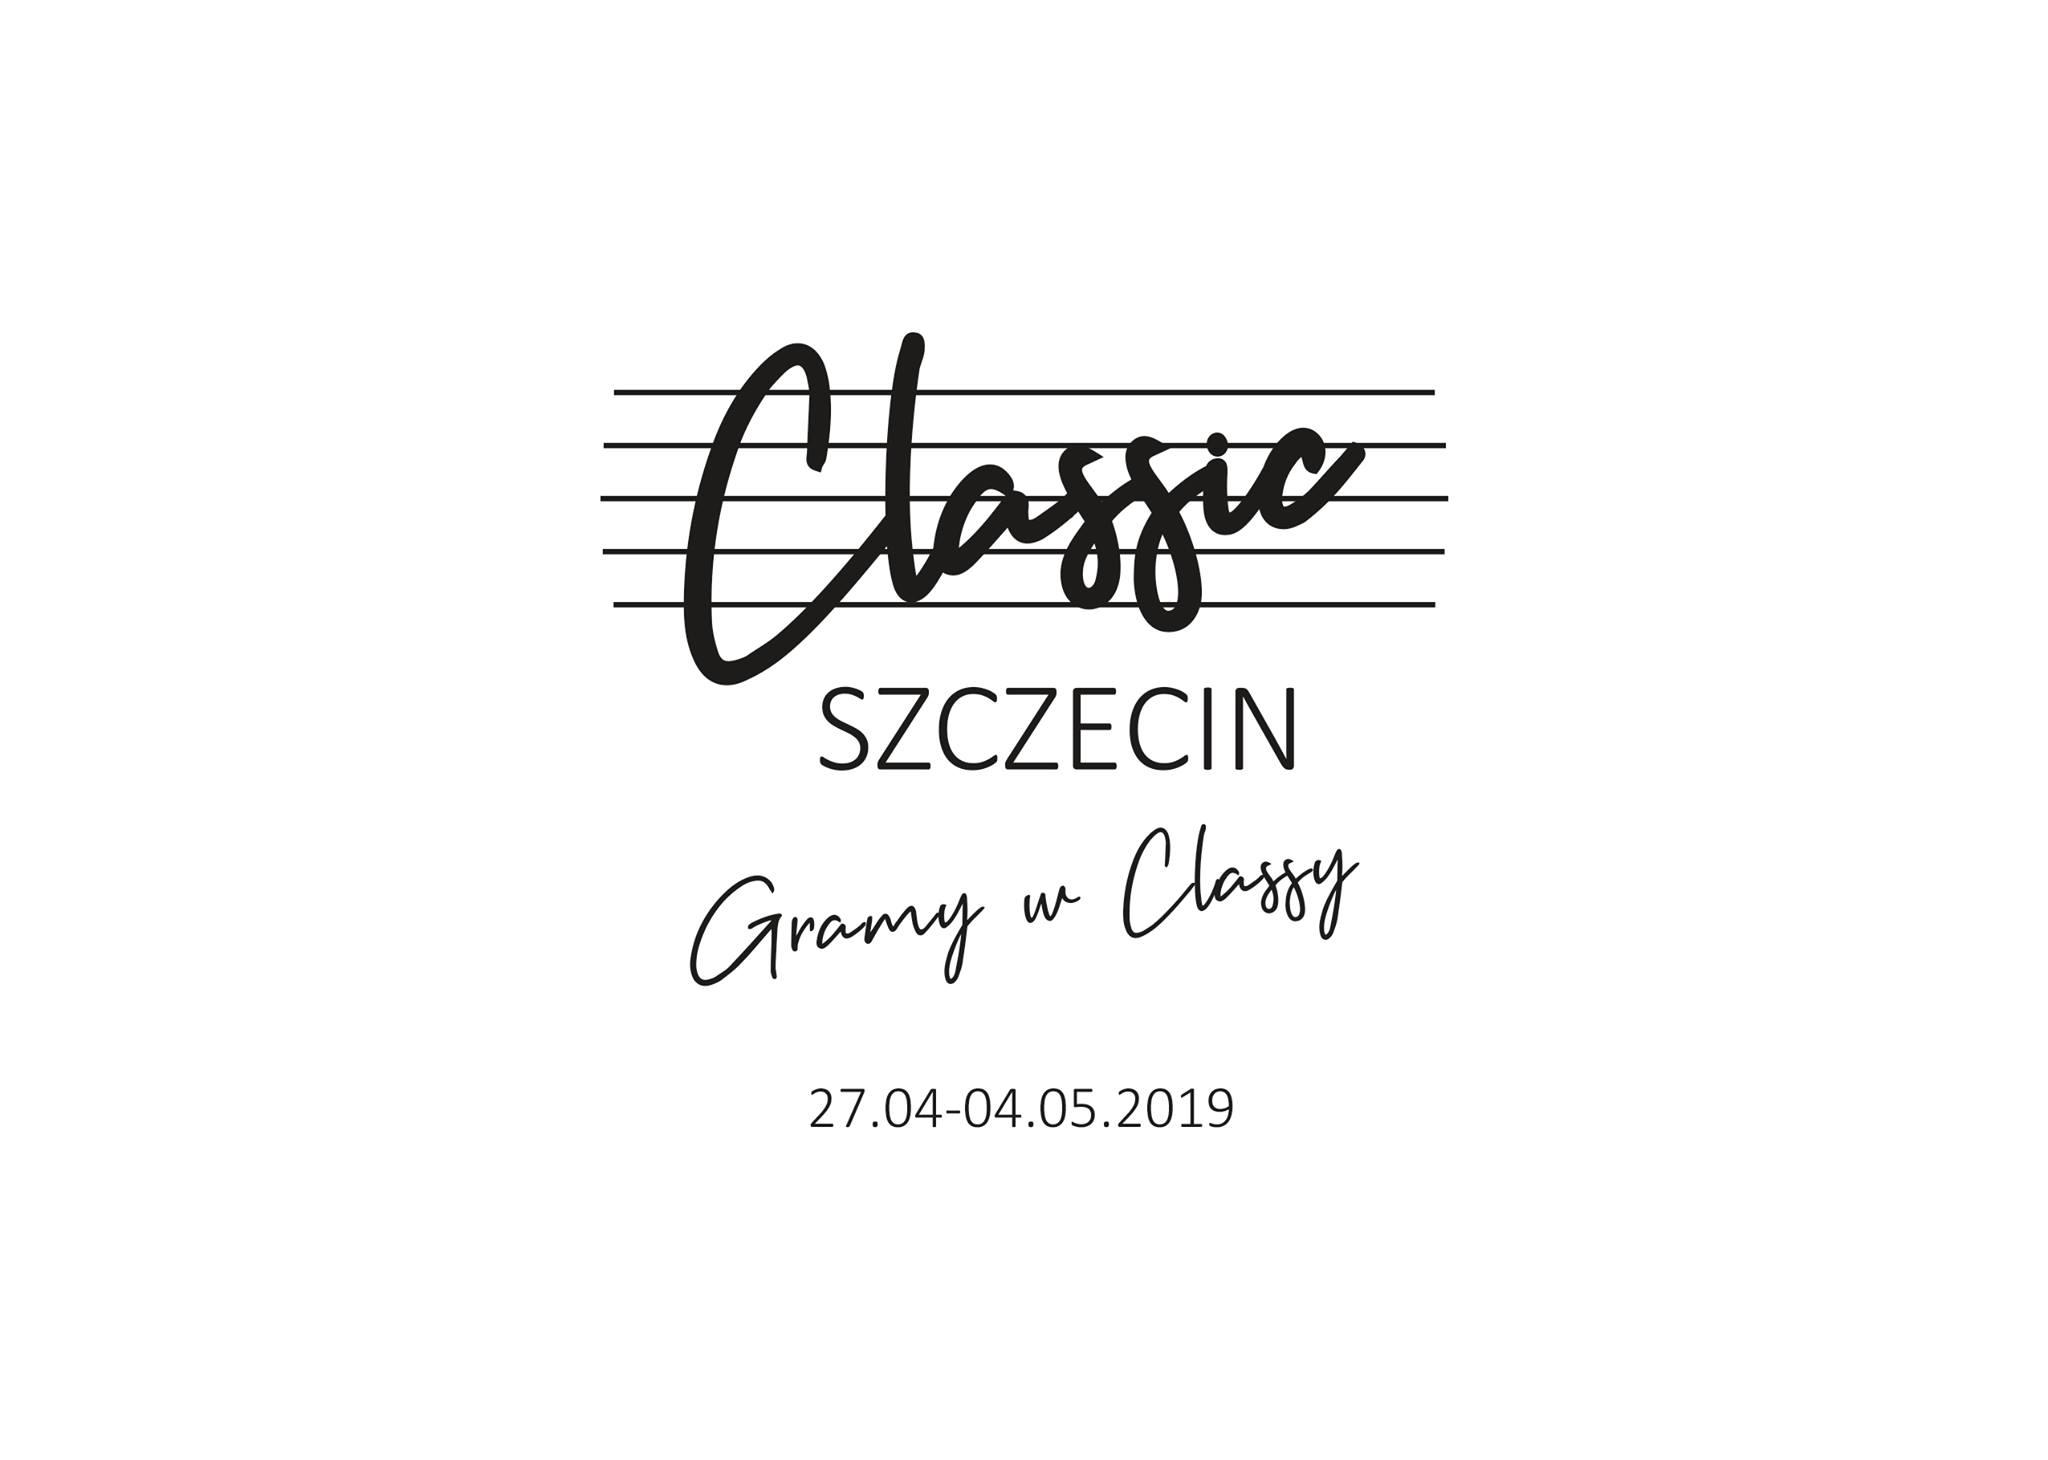 Szczecin Classic - Gramy w Classy